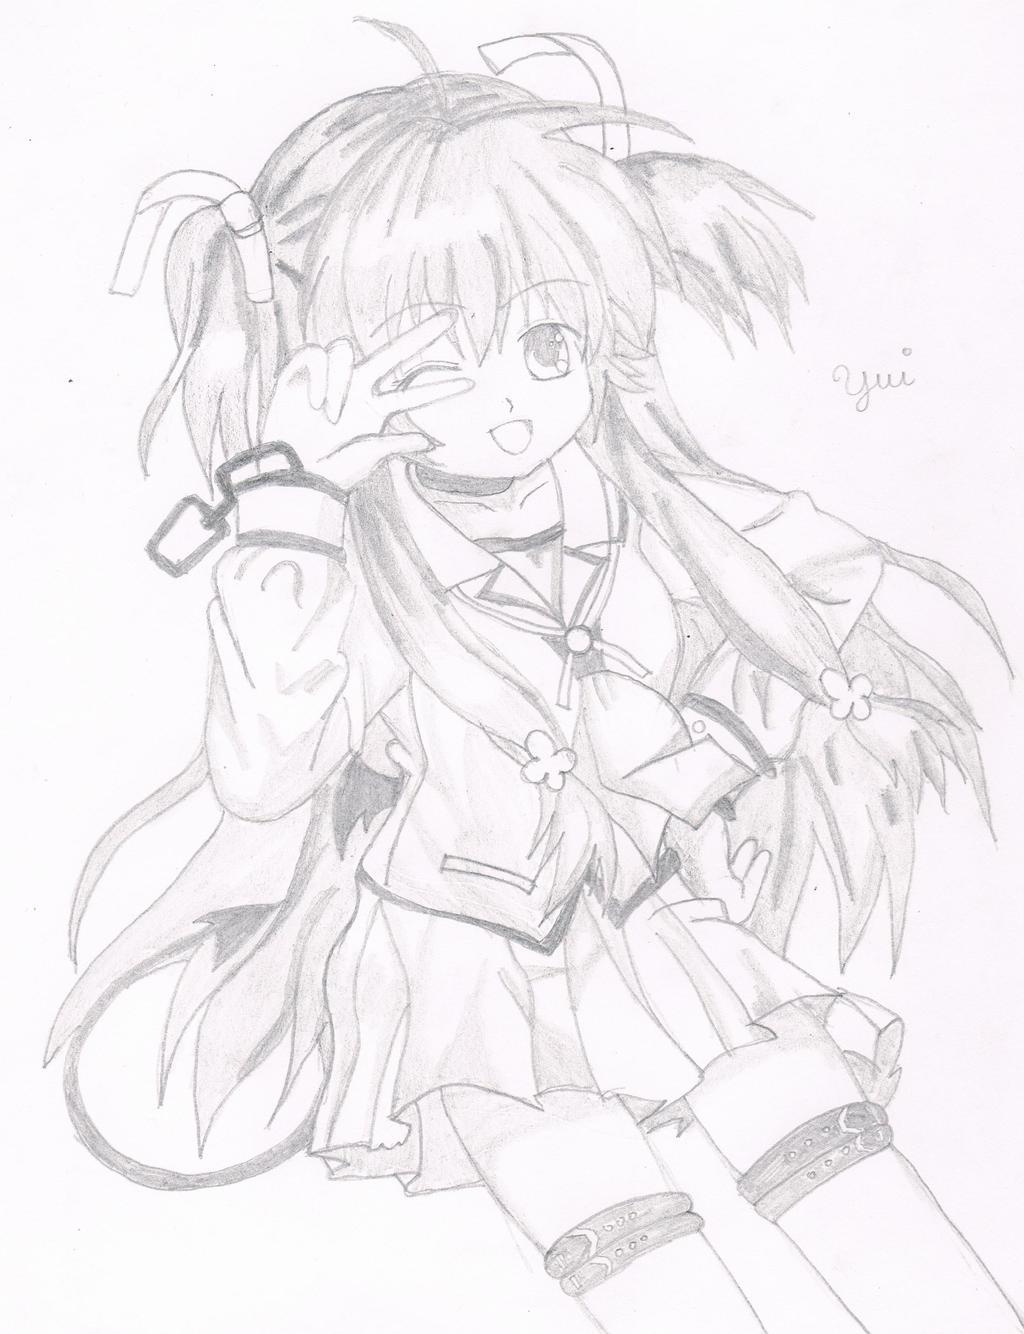 Yui From Angel Beats by zidane2993 on DeviantArt